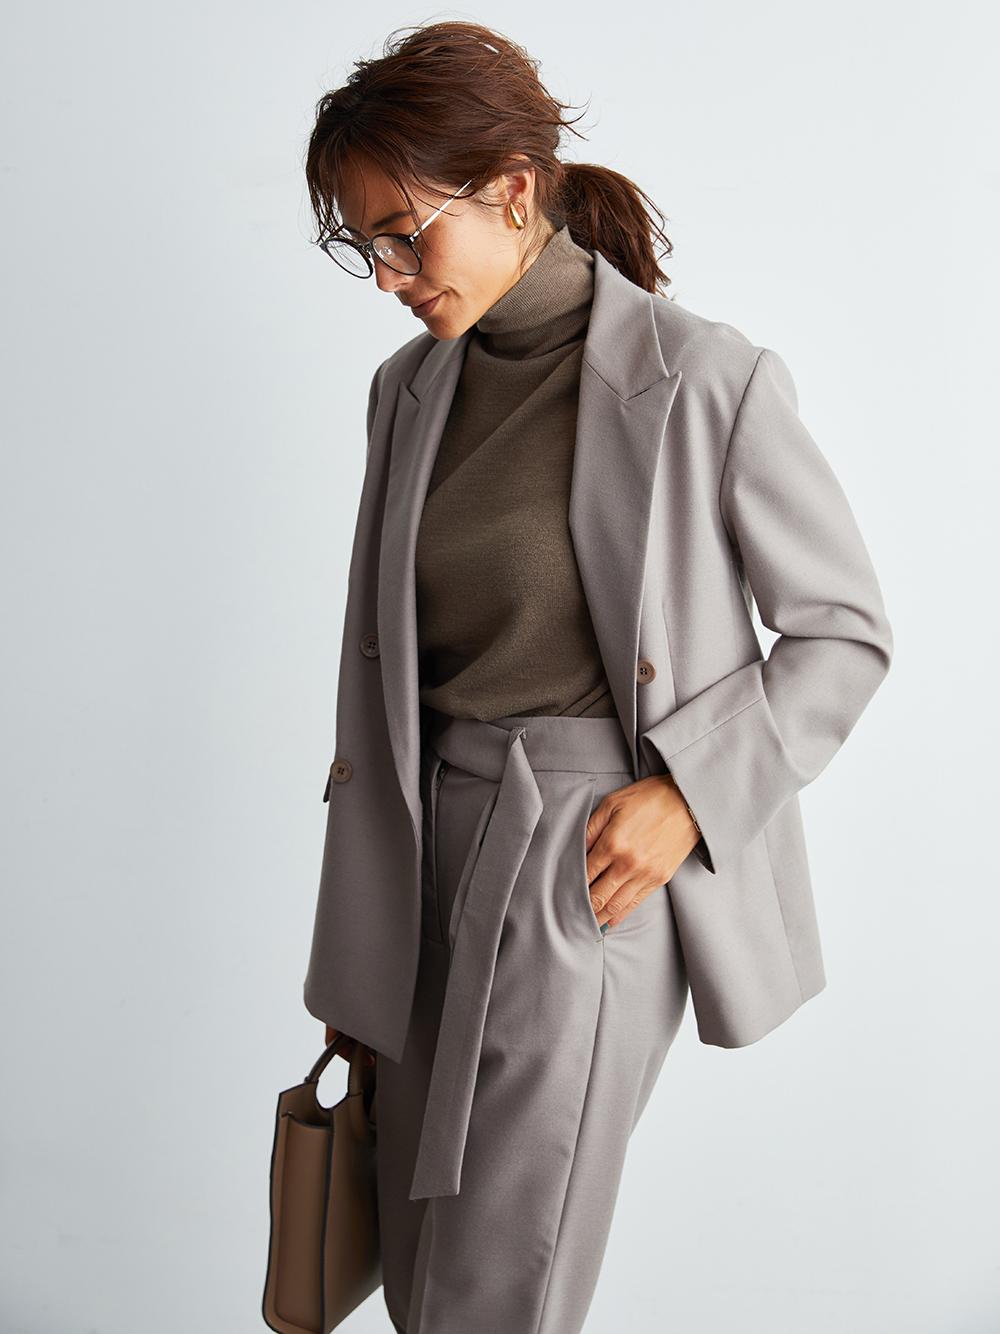 中褶線雙排釦西裝外套